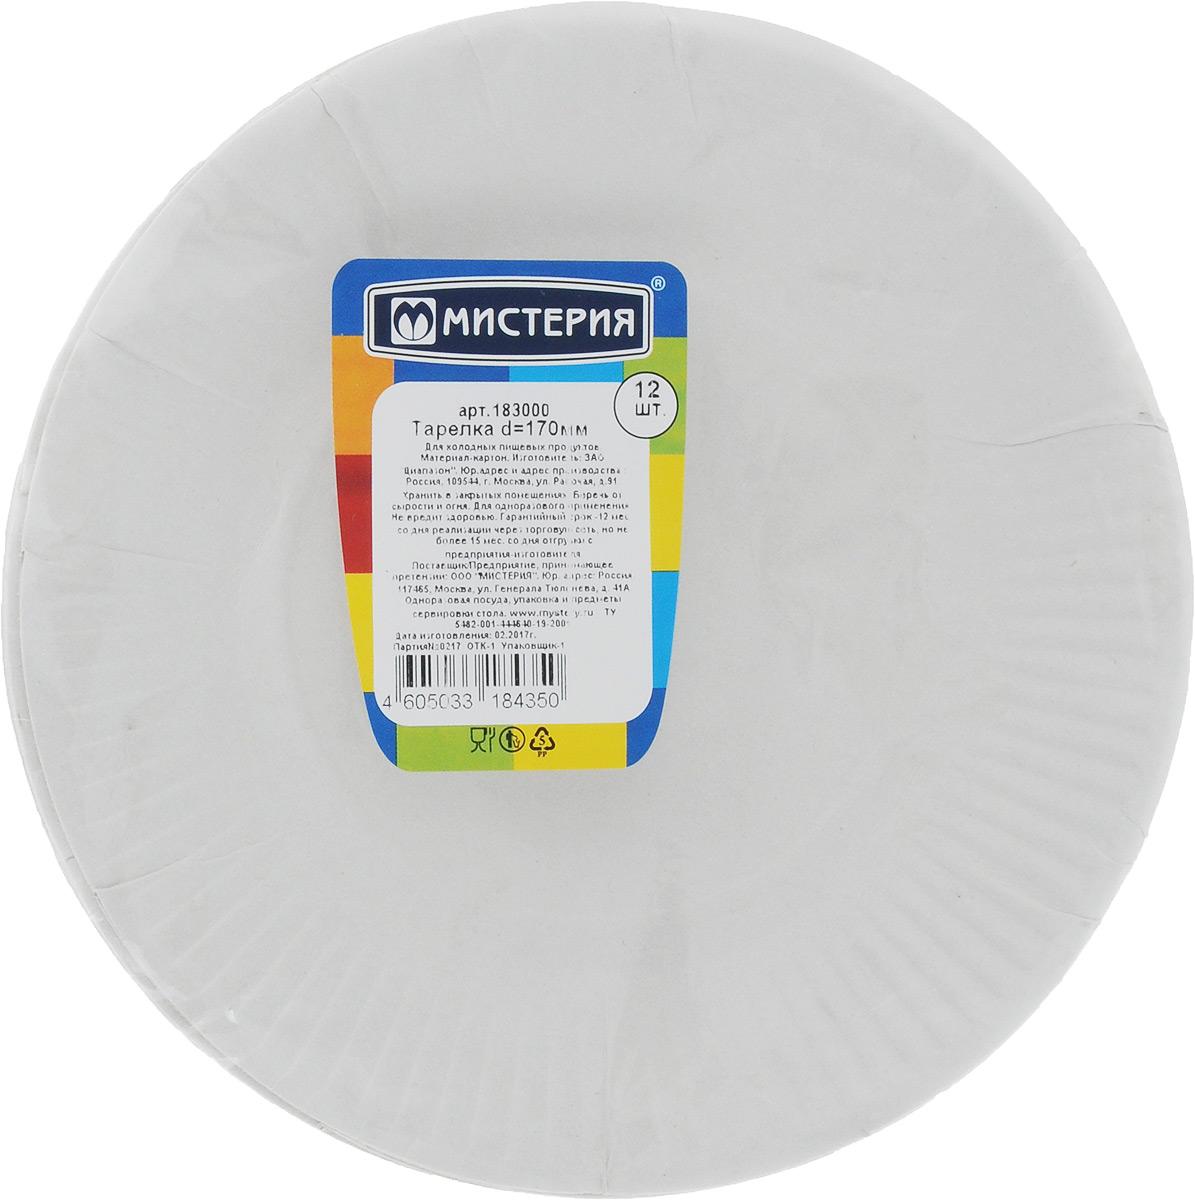 Набор одноразовых тарелок Мистерия, диаметр 17 см, 12 шт183000Набор Мистерия состоит из 12 круглых тарелок, выполненных из картона и предназначенных для одноразового использования. Одноразовые тарелки будут незаменимы при поездках на природу, пикниках и других мероприятиях. Они не займут много места, легки и самое главное - после использования их не надо мыть. Диаметр тарелки (по верхнему краю): 17 см. Высота тарелки: 1,5 см.